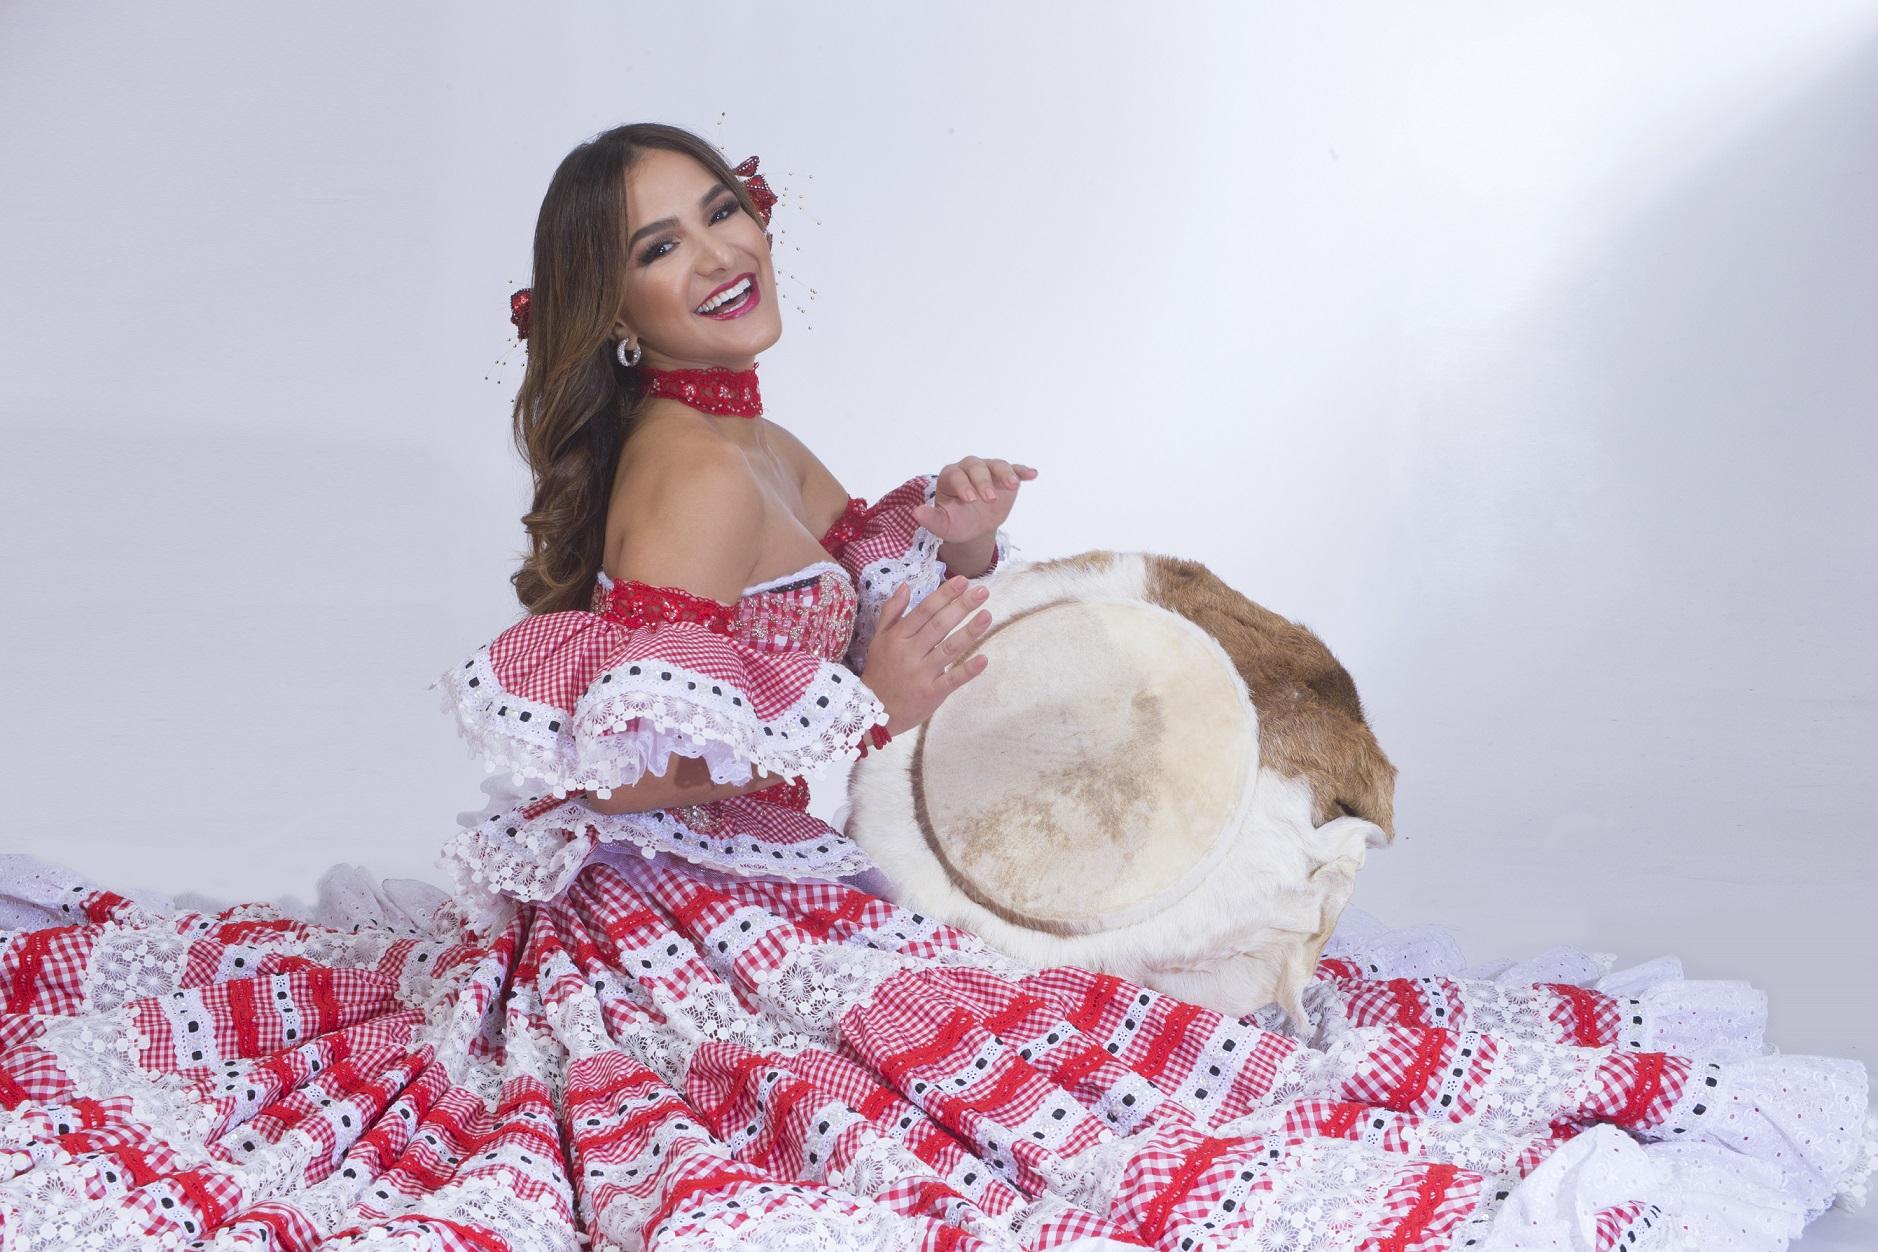 La Reina Valeria lleva la alegría del Carnaval de Barranquilla al Festival Cuna de Acordeones